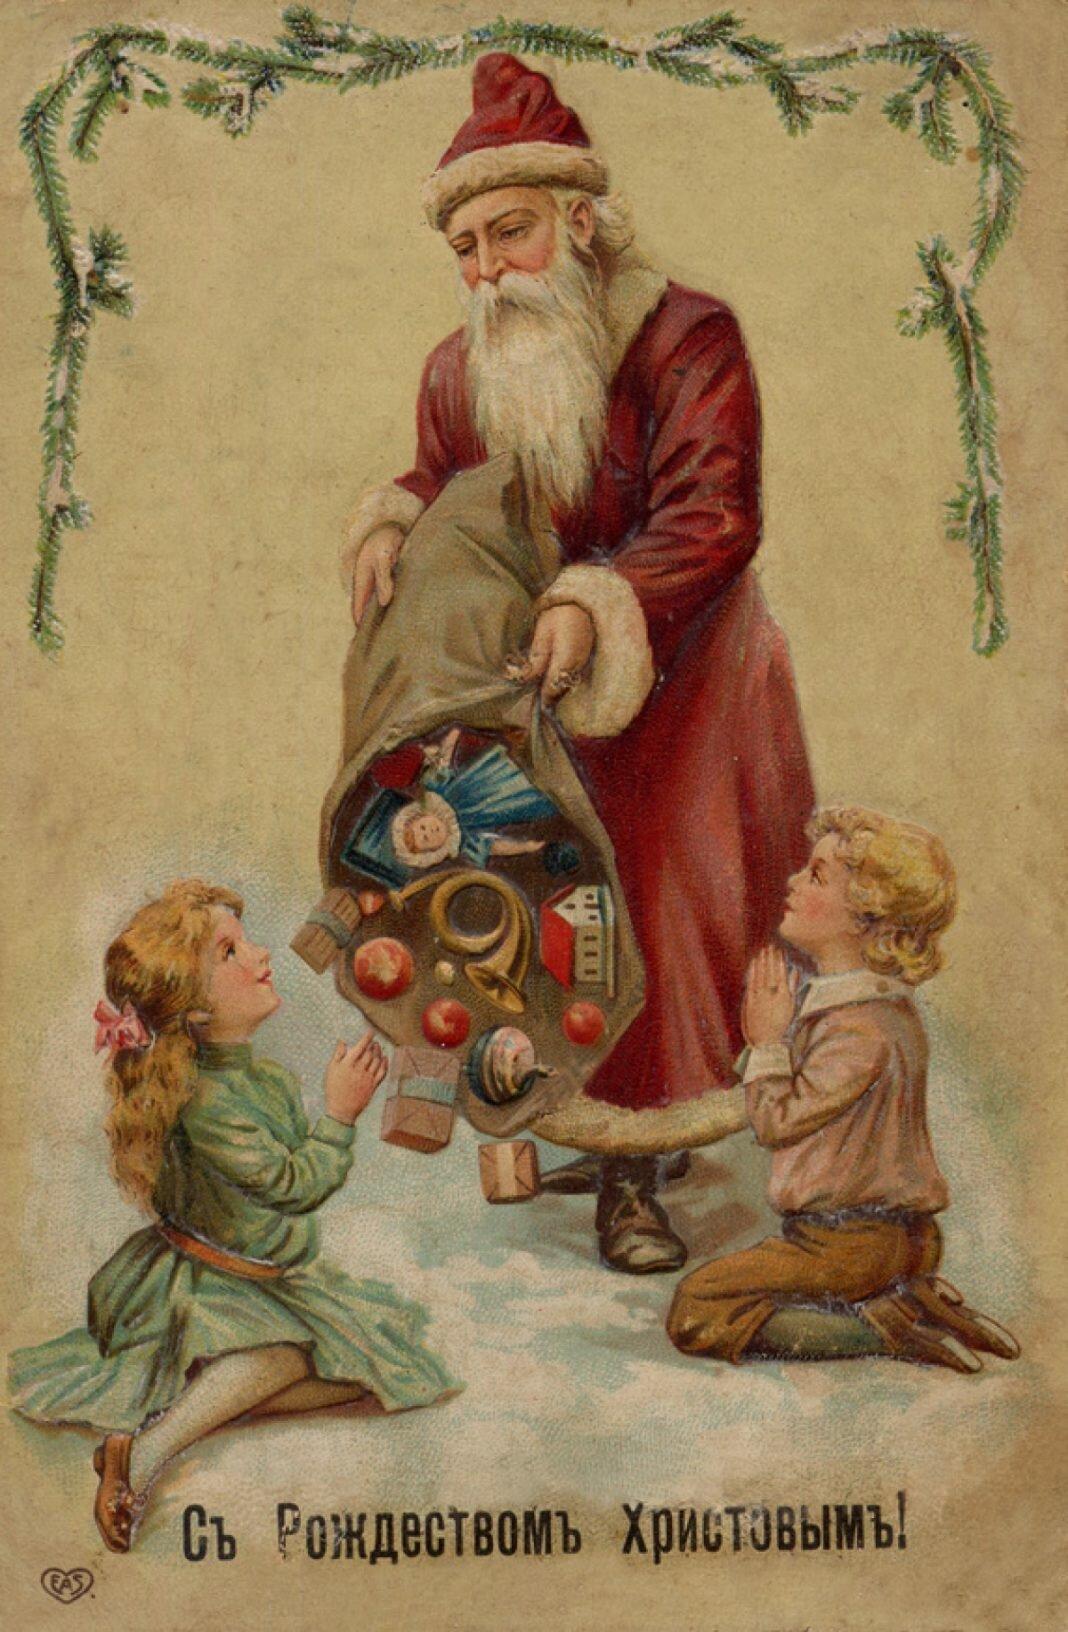 Марту, традиция поздравительной открытки